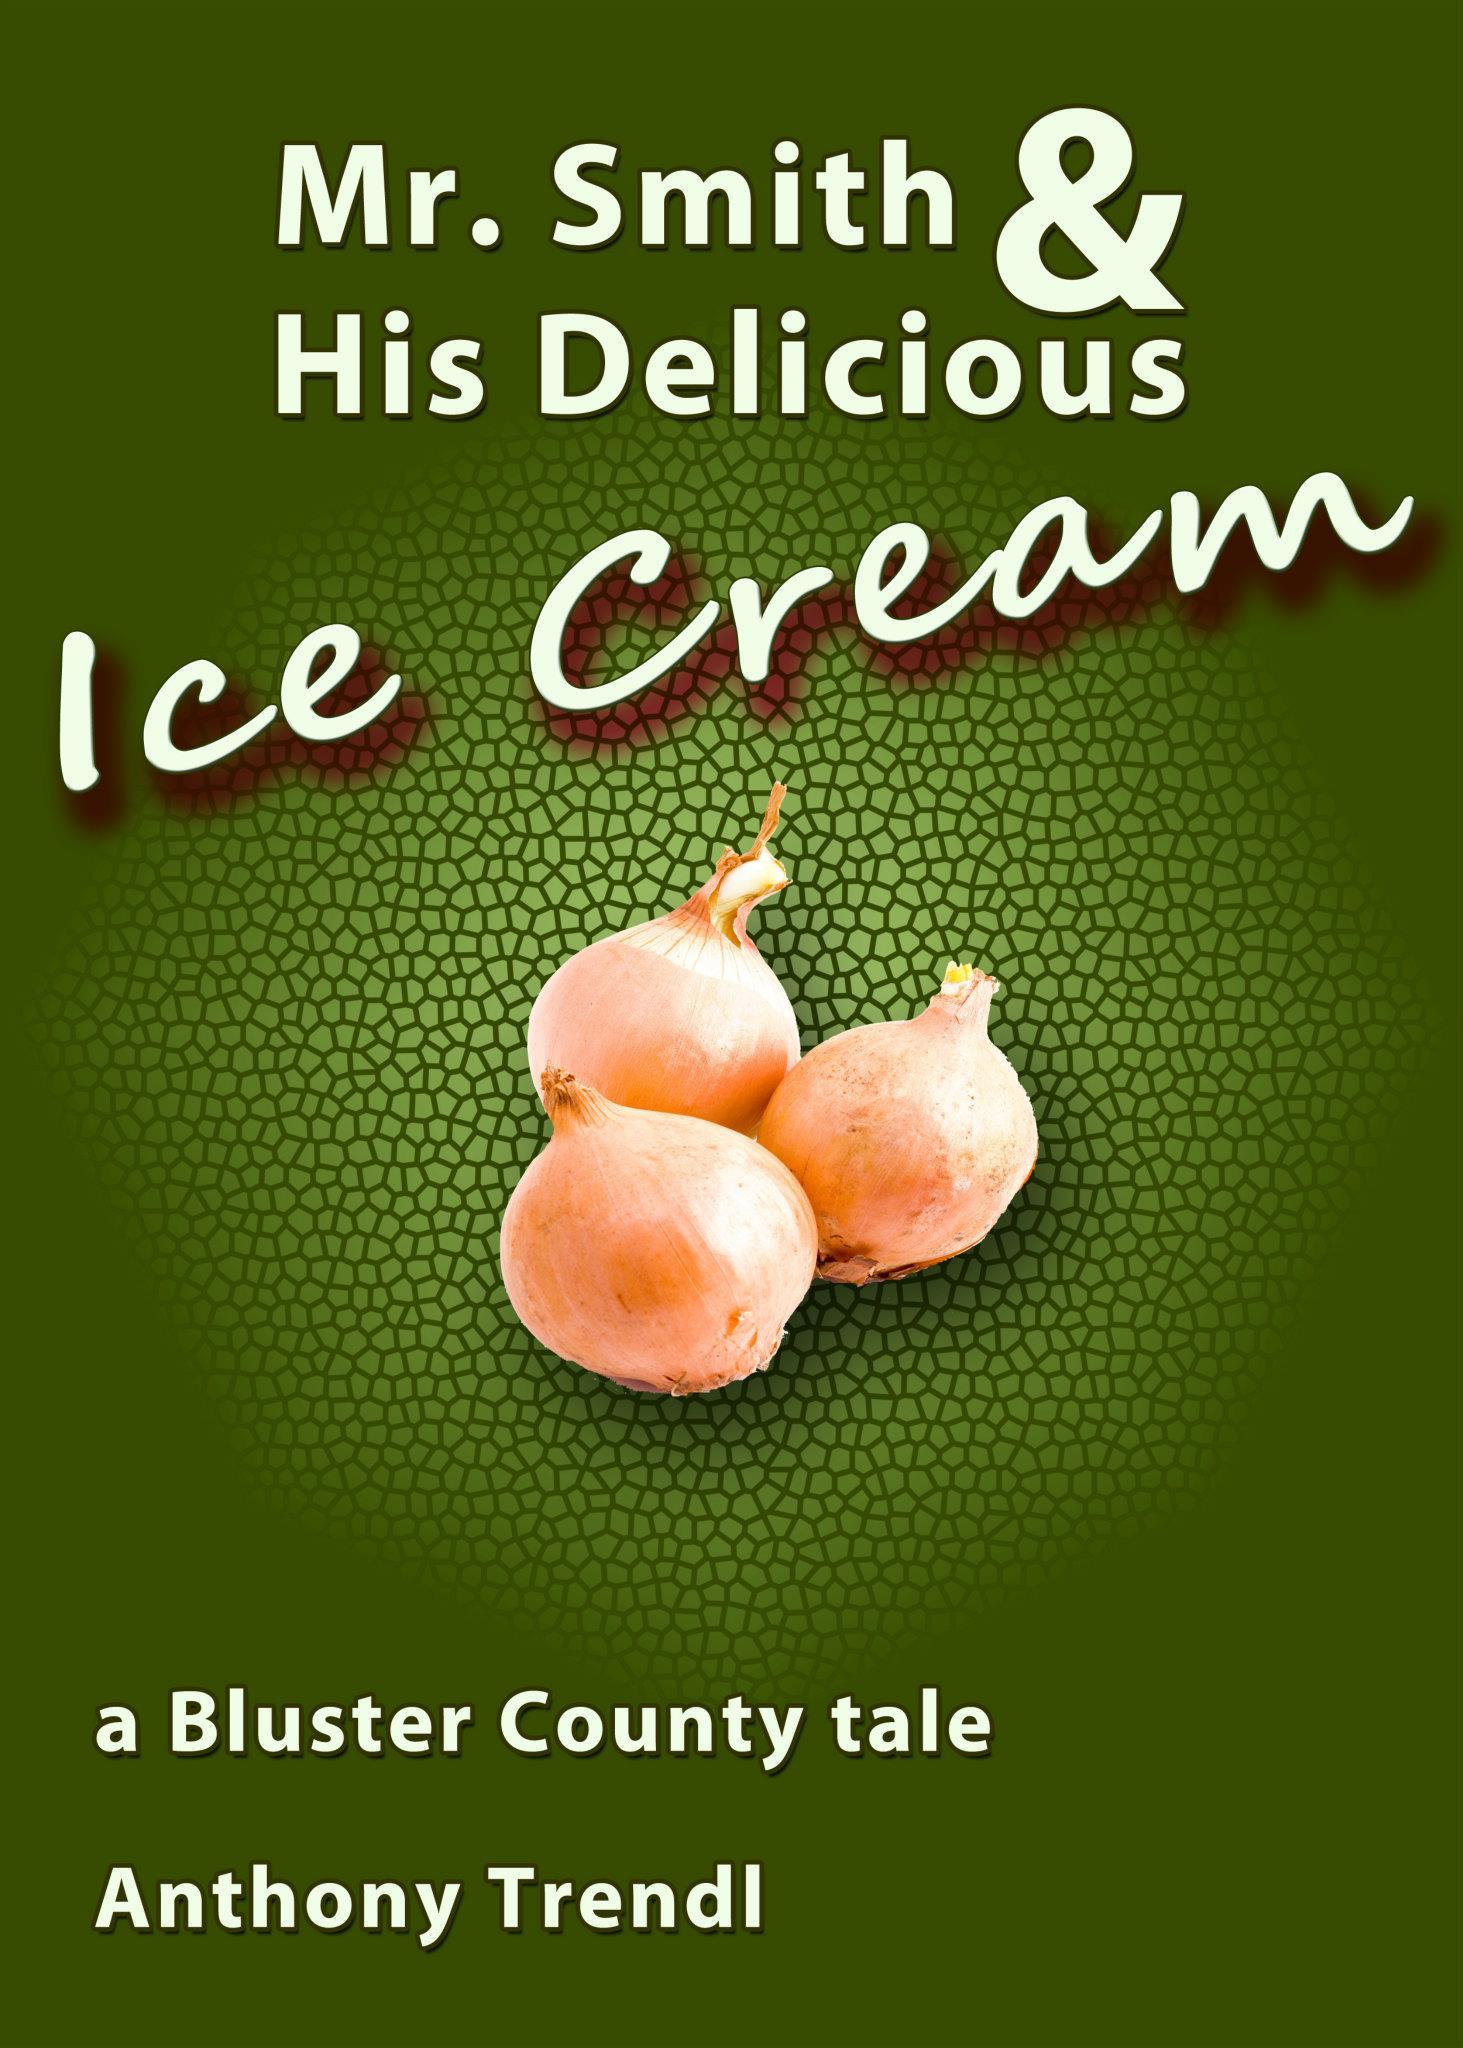 Mr. Smith and His Delicious Ice Cream